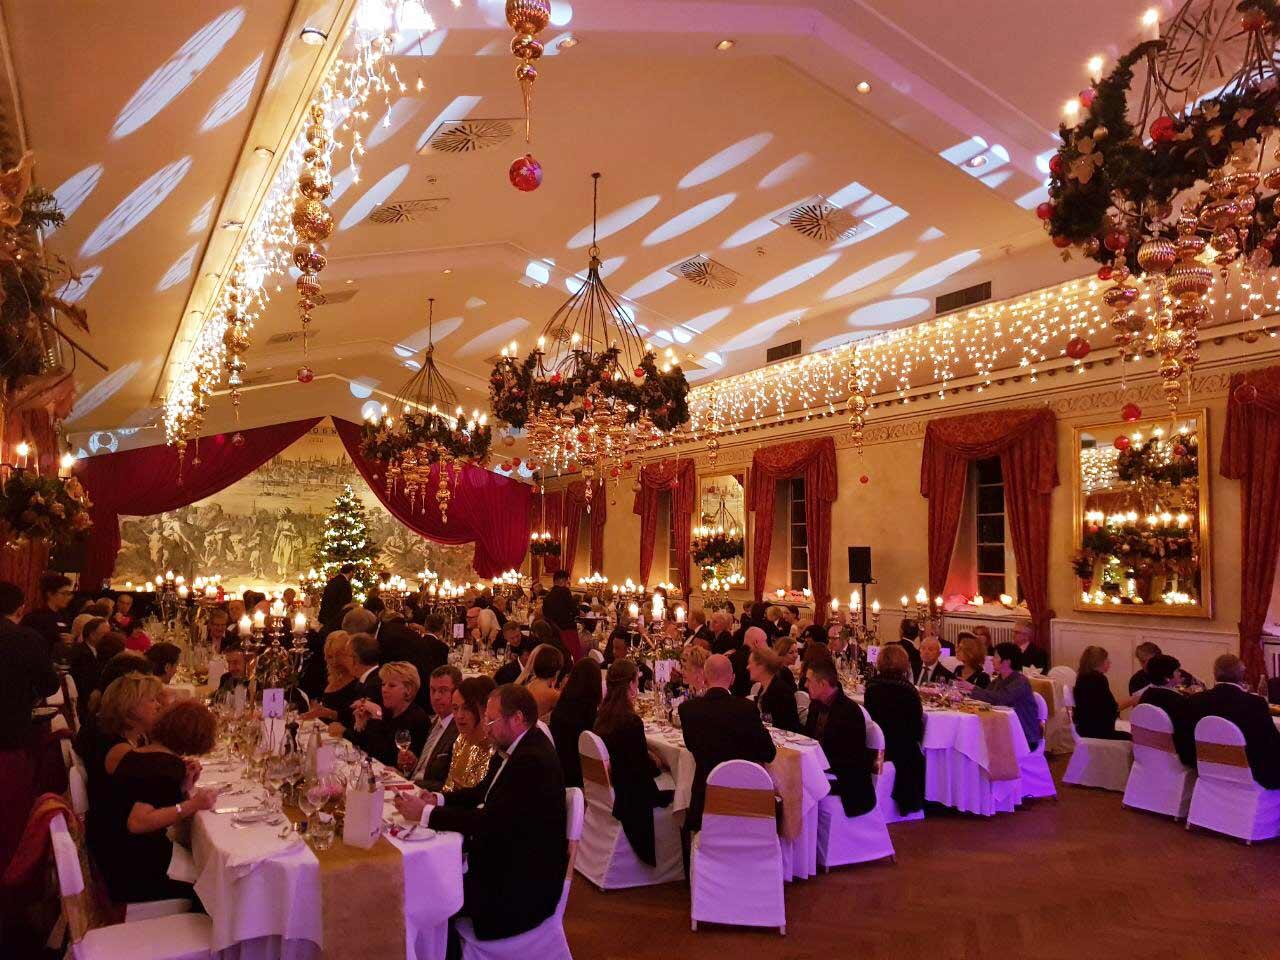 Festsaal Wolkenburg Gäste bei Silvester Gala in Köln!